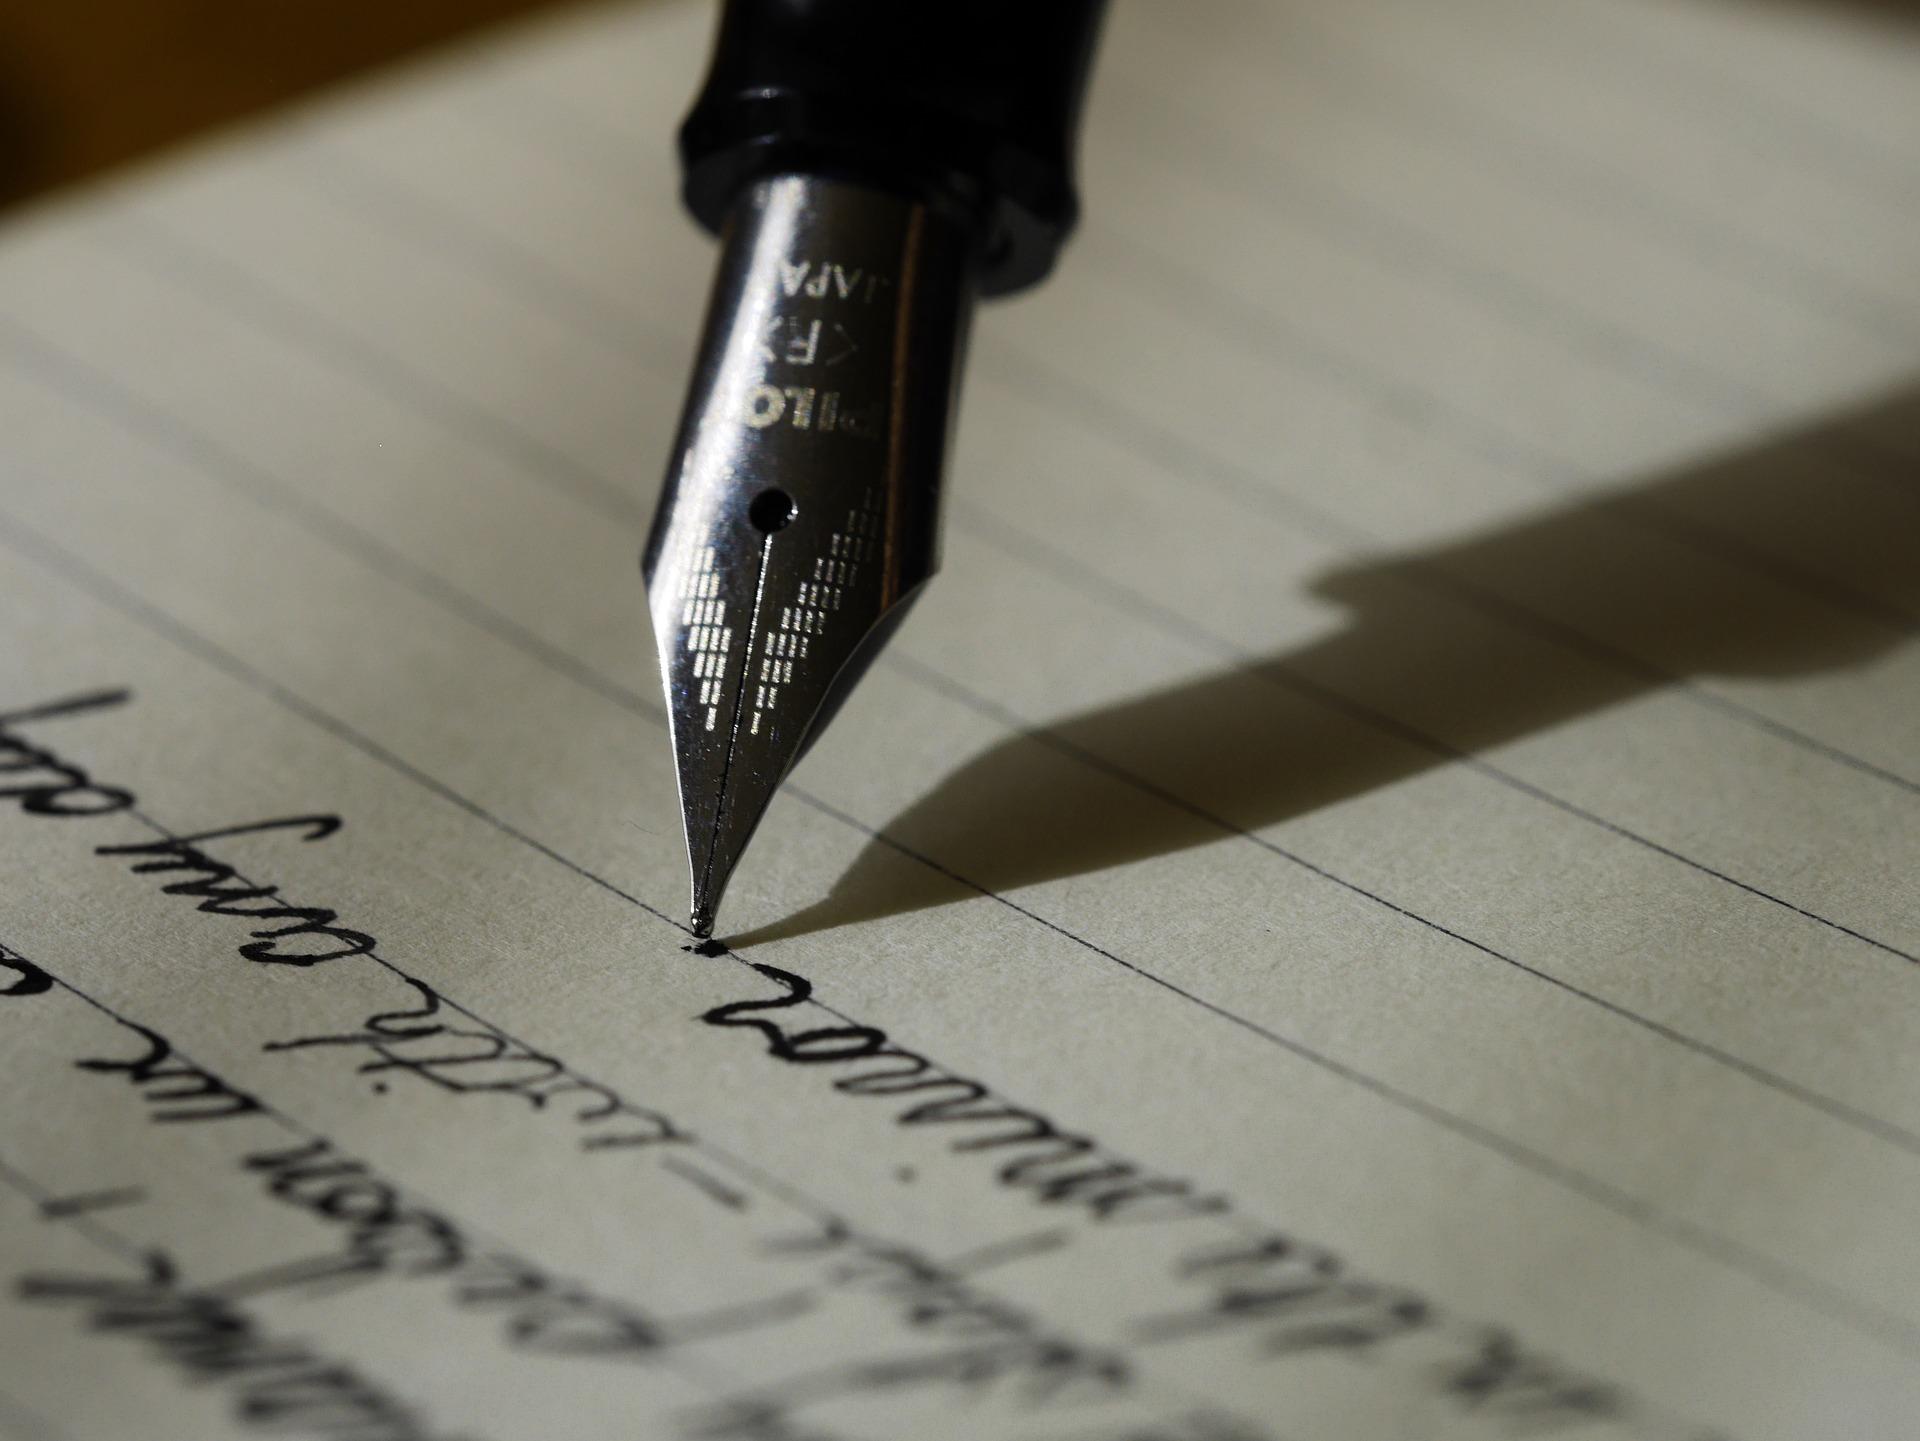 Czytelność iwyraźność - Jak przygotować się doegzaminów CIM?